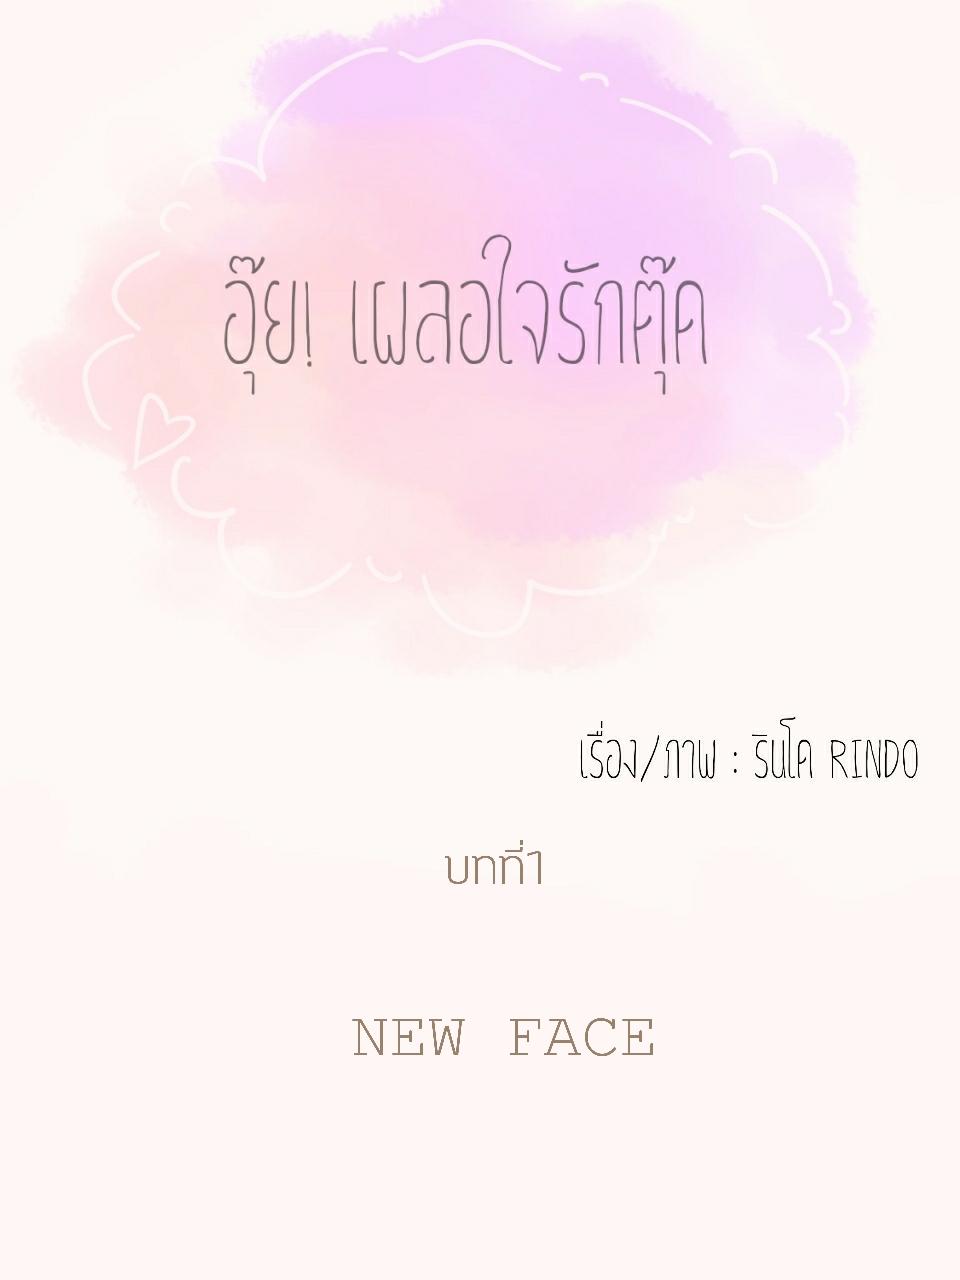 บทที่ 1 - NEW FACE